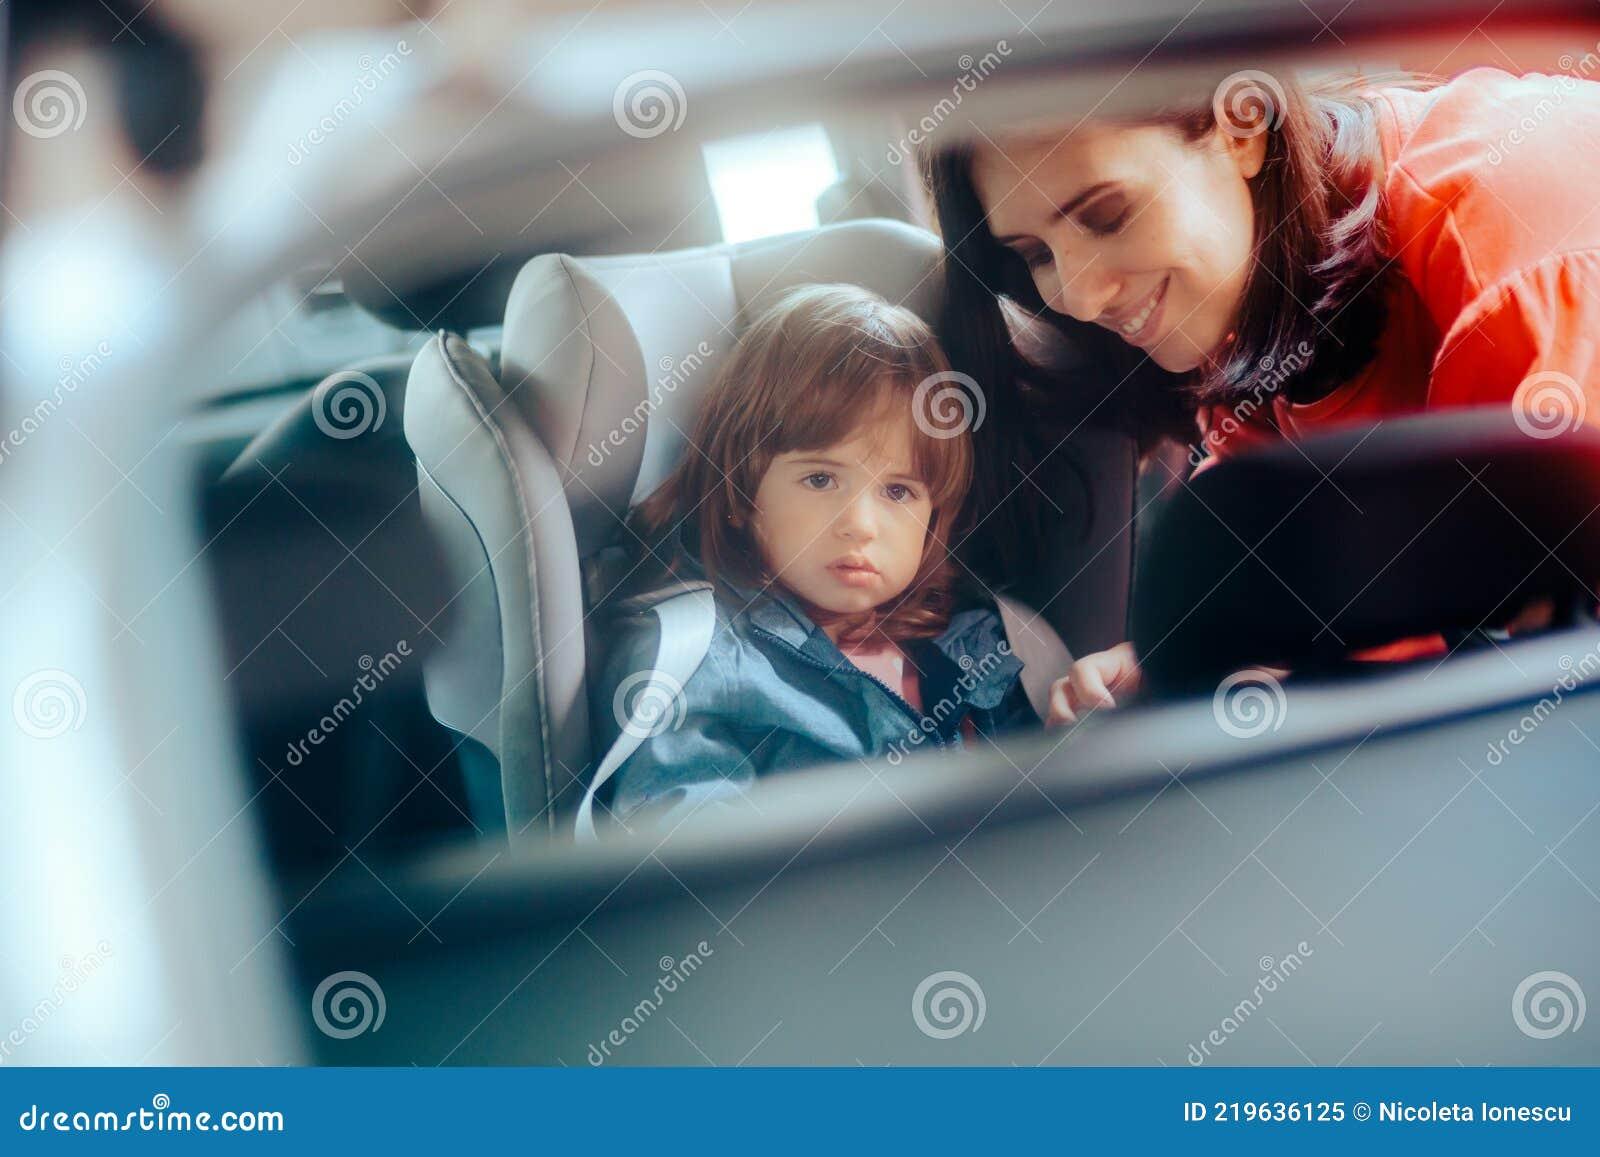 Girl Zeigt Sich In Auto Her